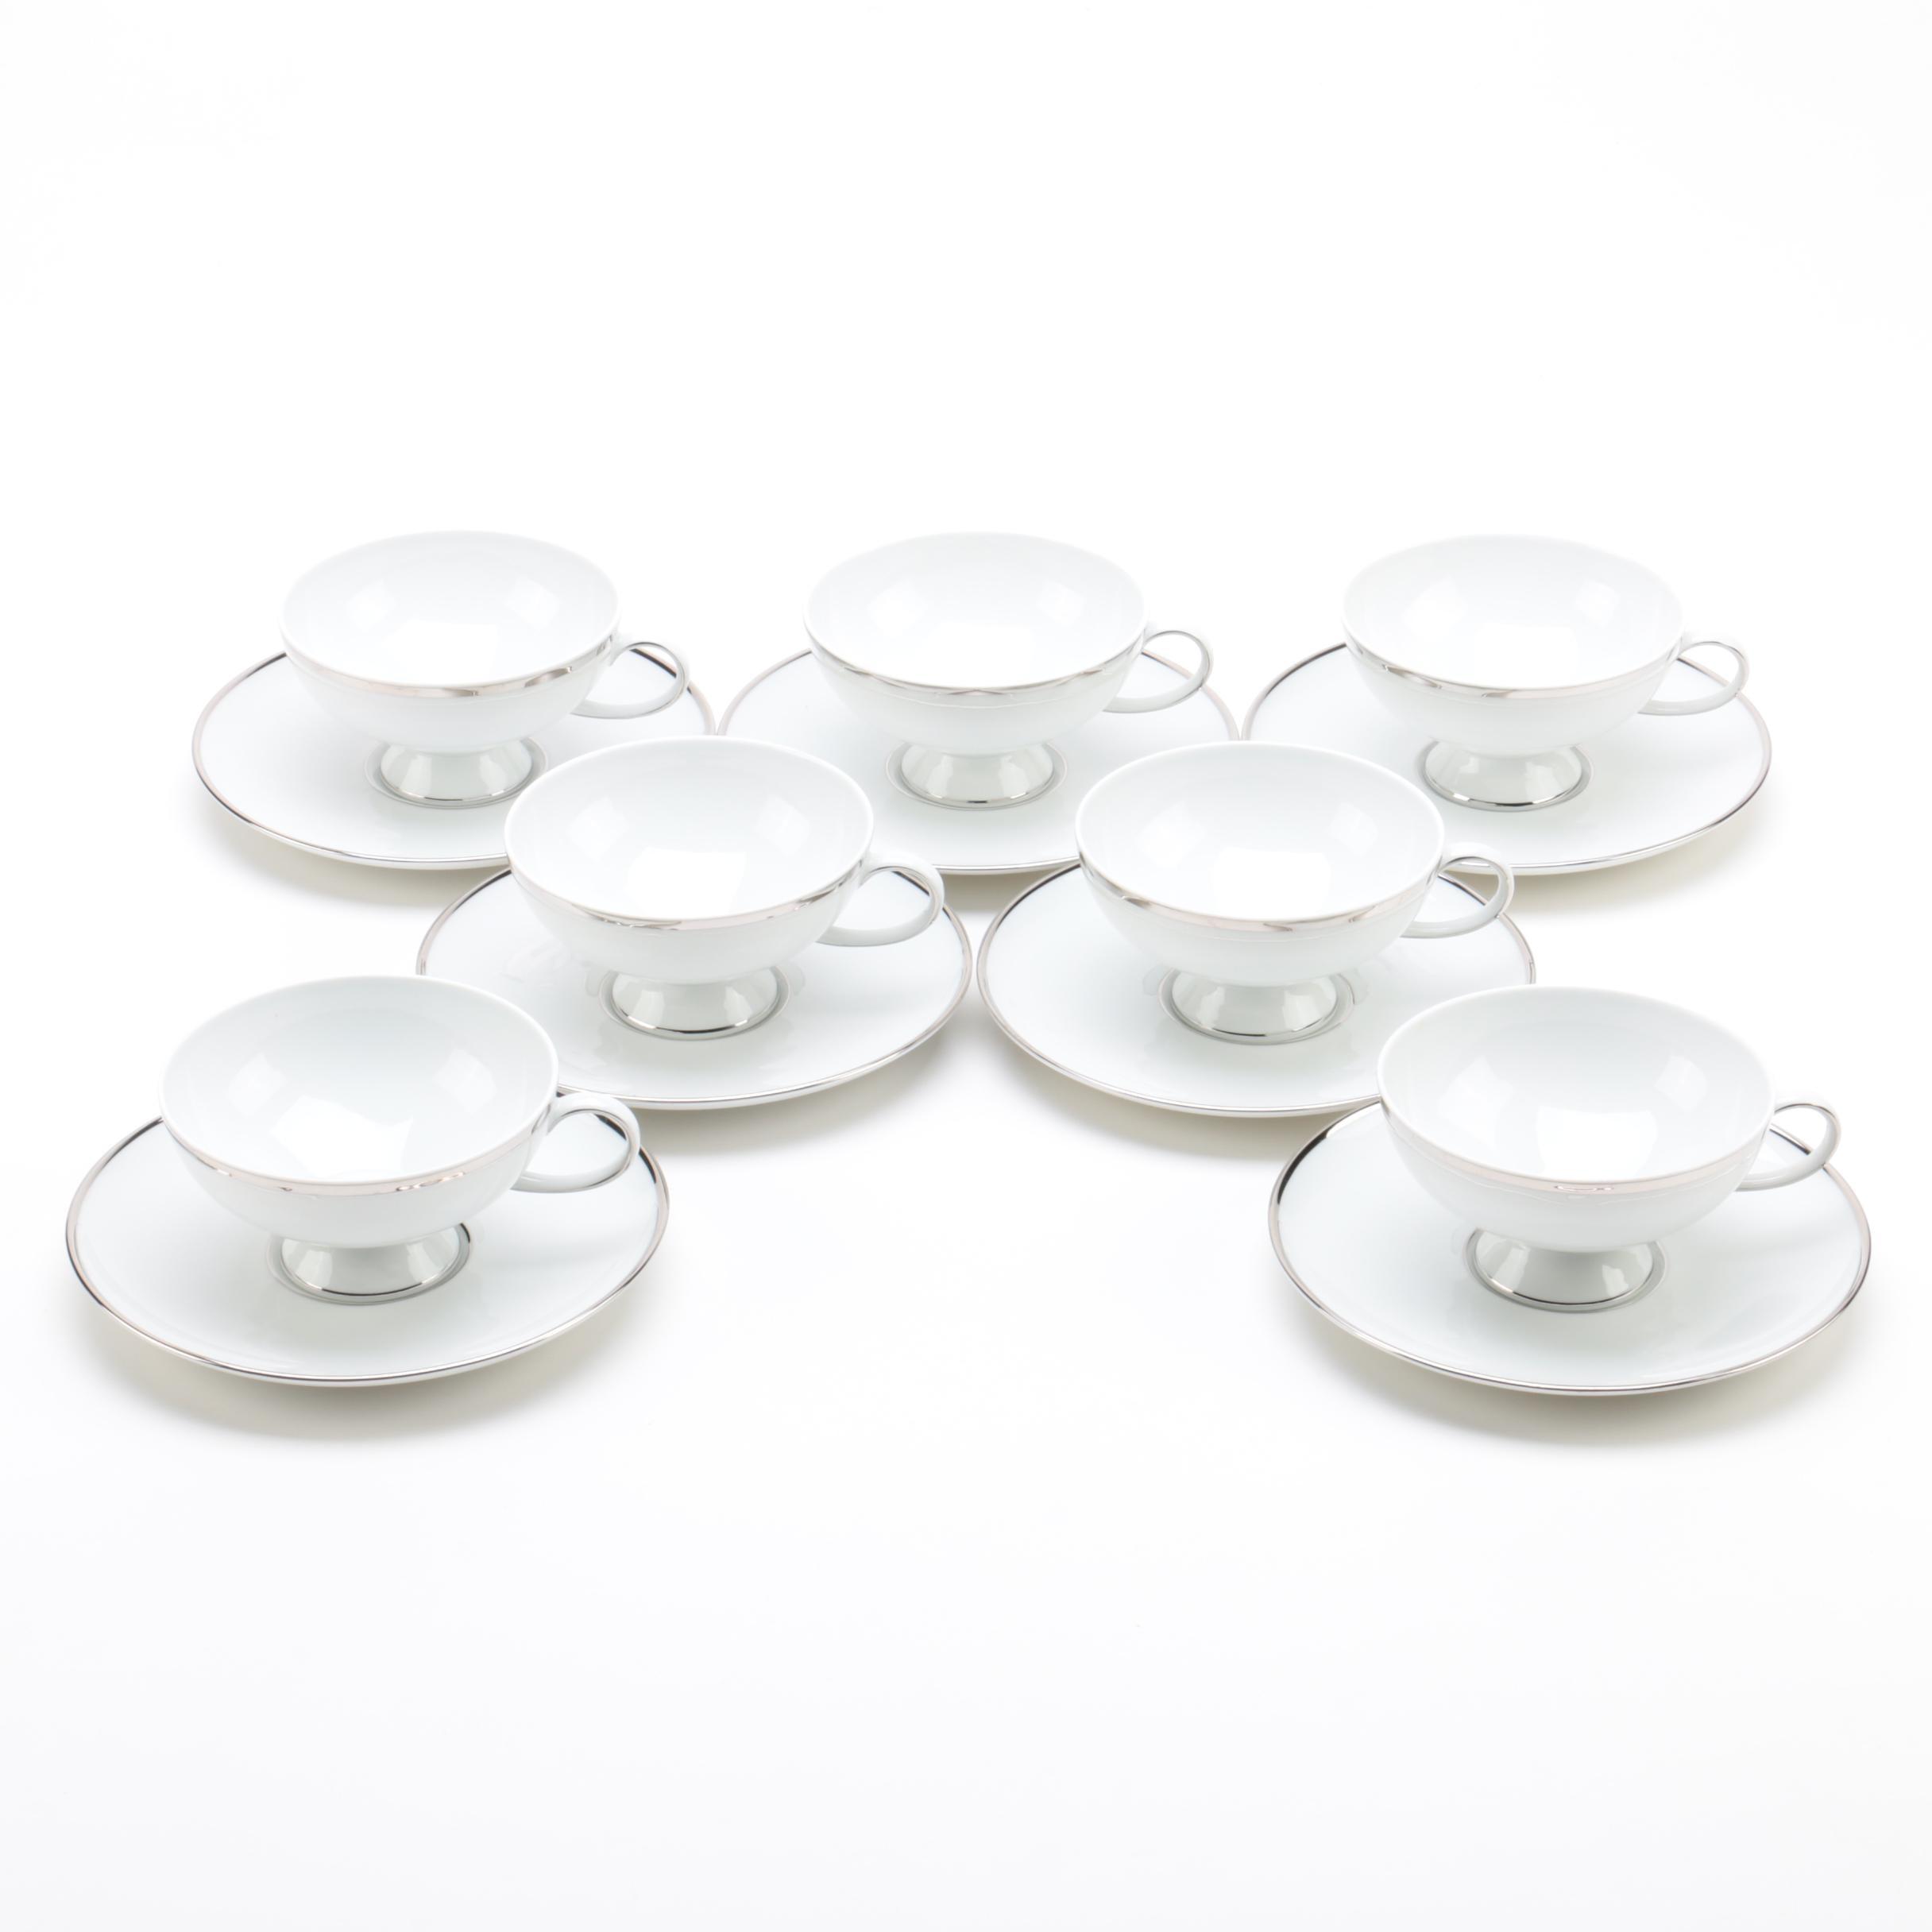 Gerold Porzellan 'Gracious Lady' Porcelain Teacups and Saucers